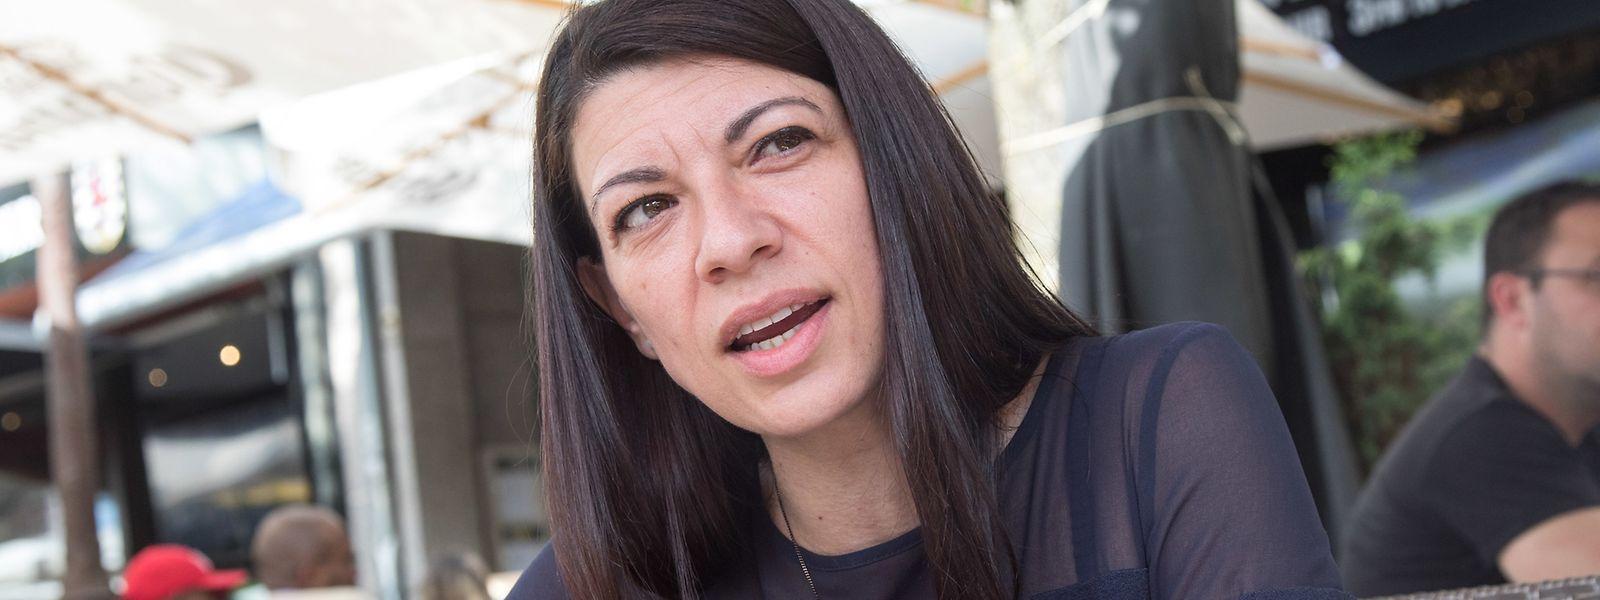 Elisabete Soares é a nova presidente da Confederação da Comunidade Portuguesa no Luxemburgo.